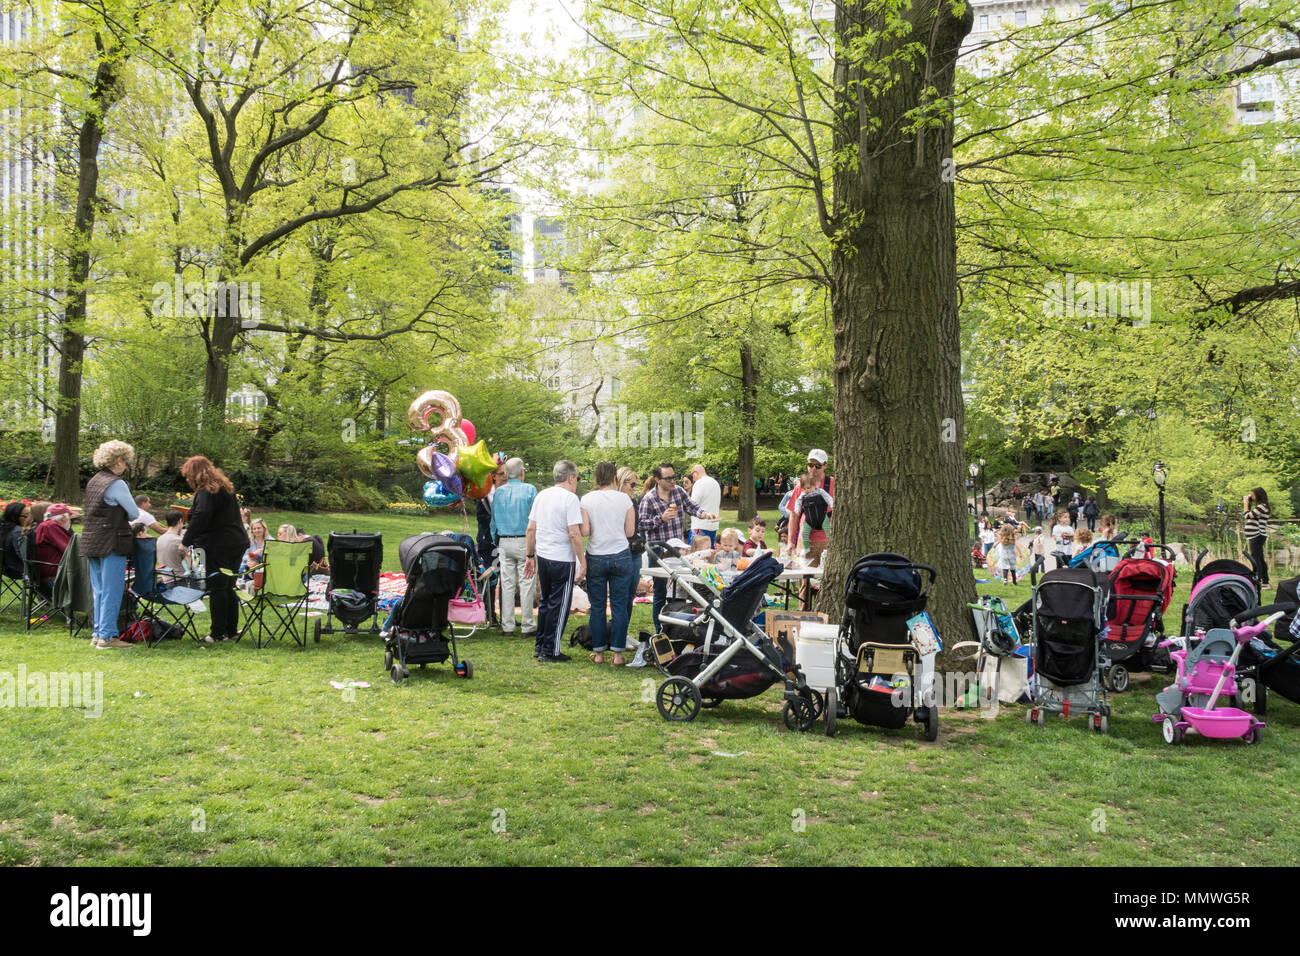 Familien Versammeln Sich Fur Geburtstag Eines Kindes In Der Nahe Des Teiches Central Park